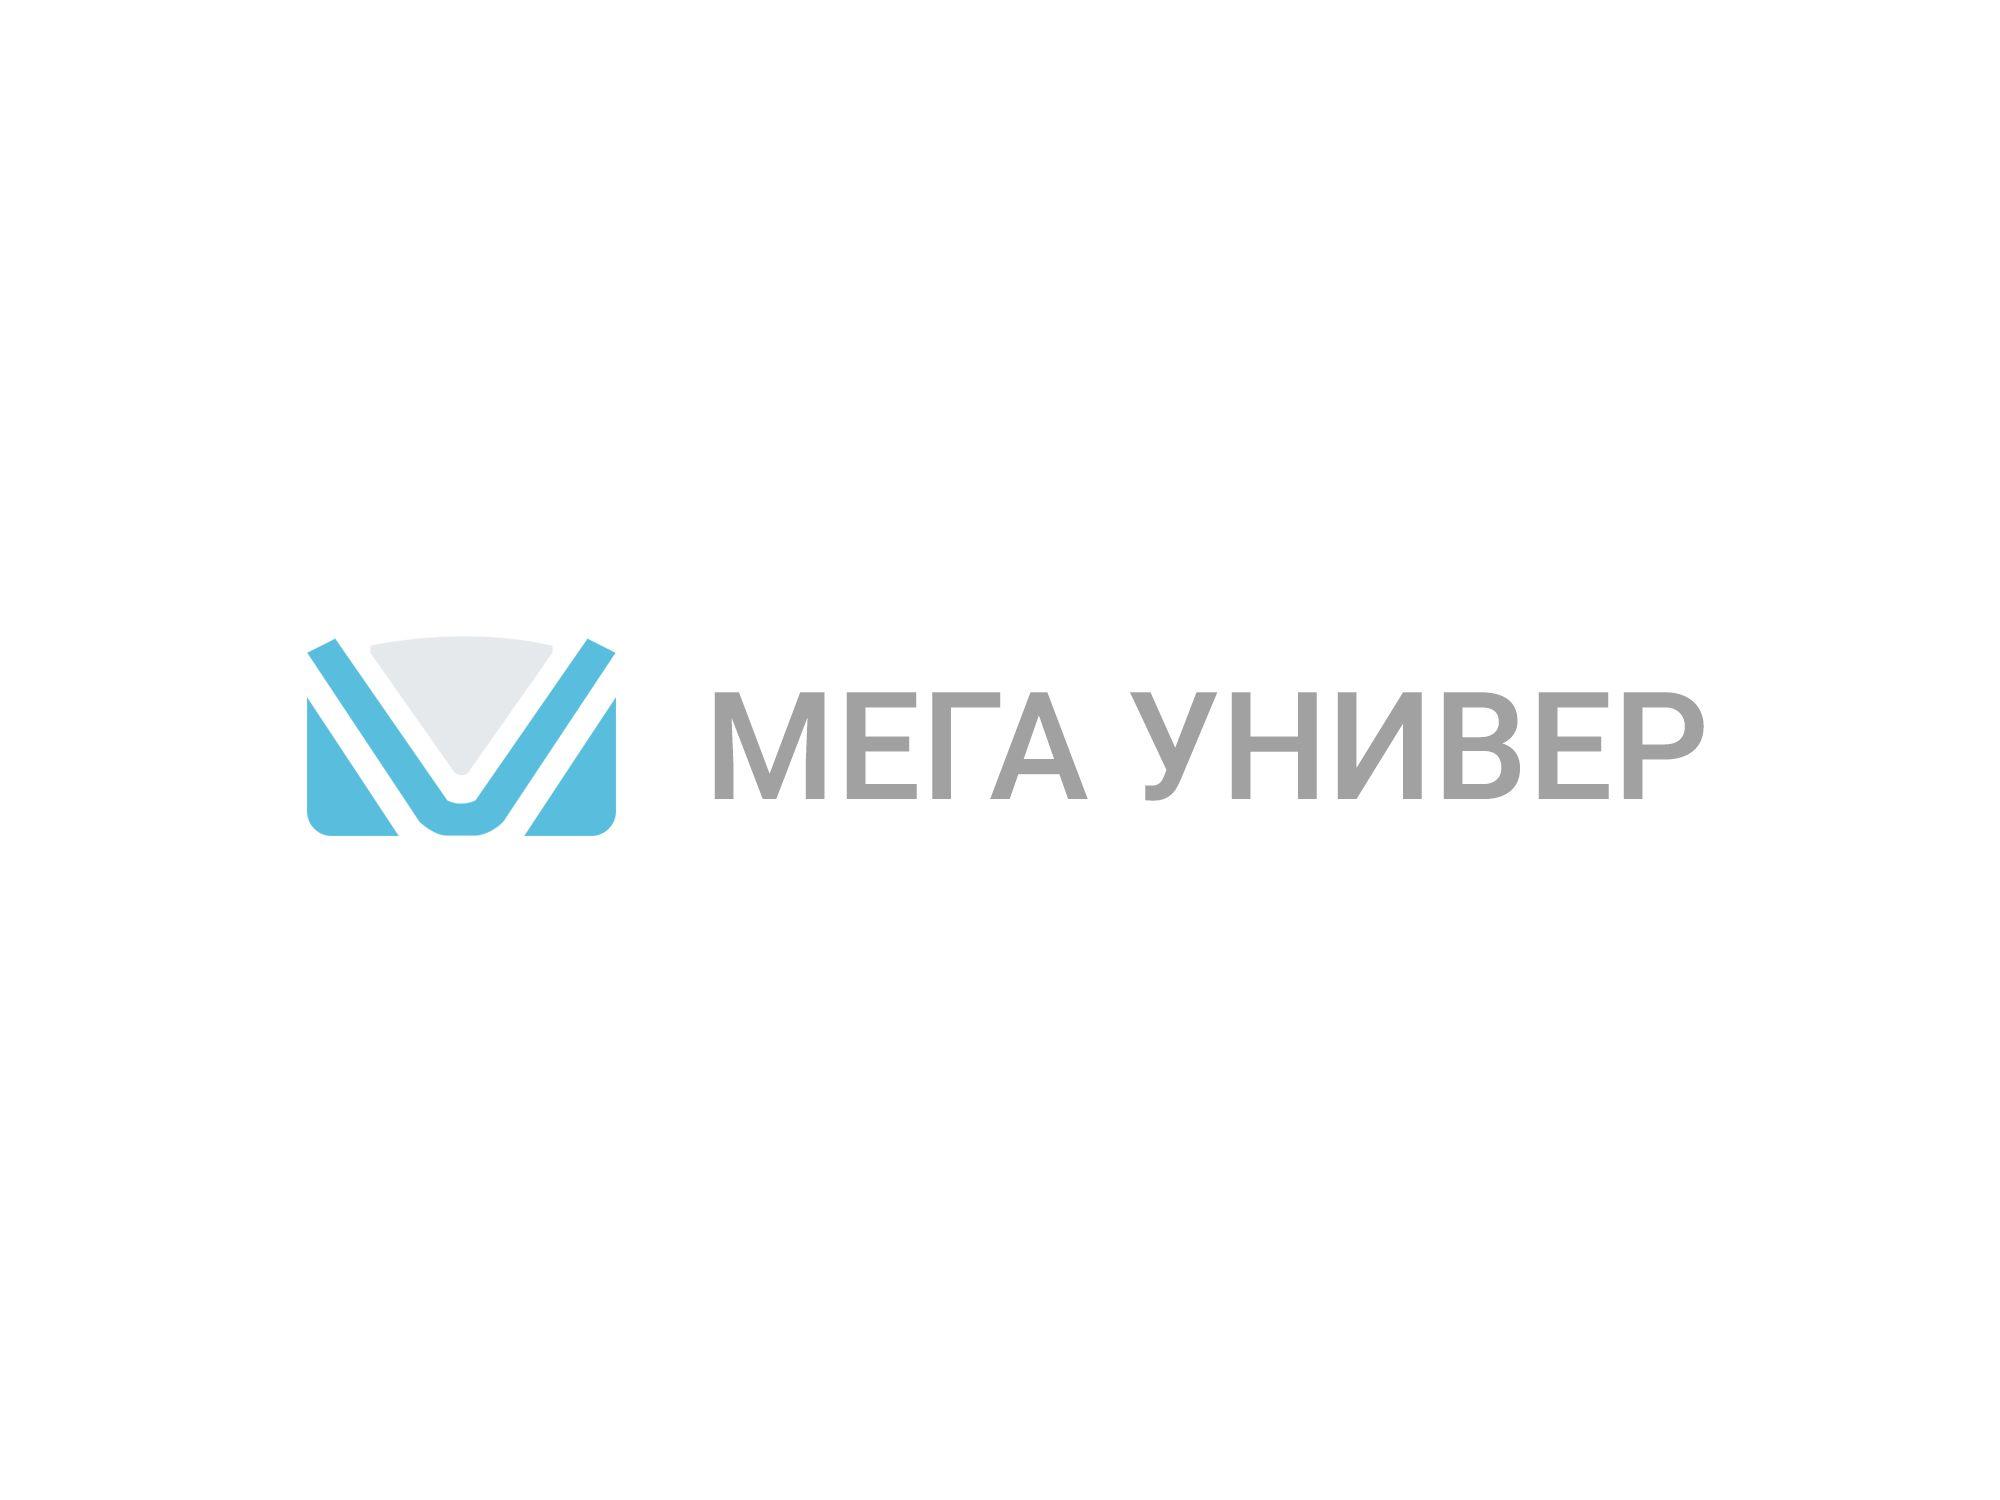 Разработка логотипа для сайта megauniver.ru - дизайнер ser1337